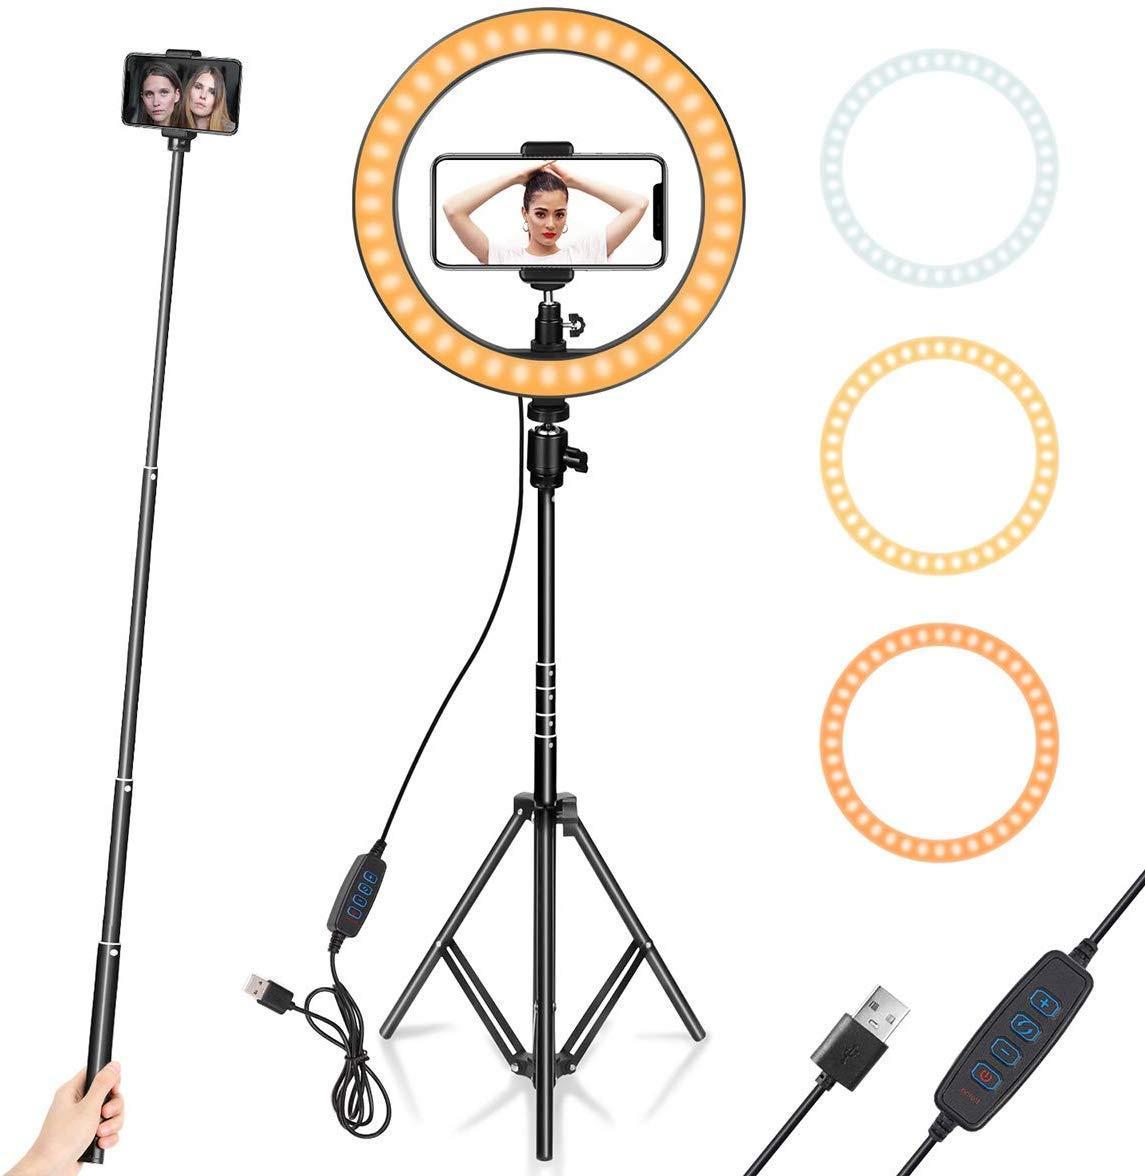 """Ringlicht 10 """"mit Stativständer-Telefonhalter für YouTube-Video, Desktop-Kamera-LED-Ringlicht für Streaming, Makeup"""